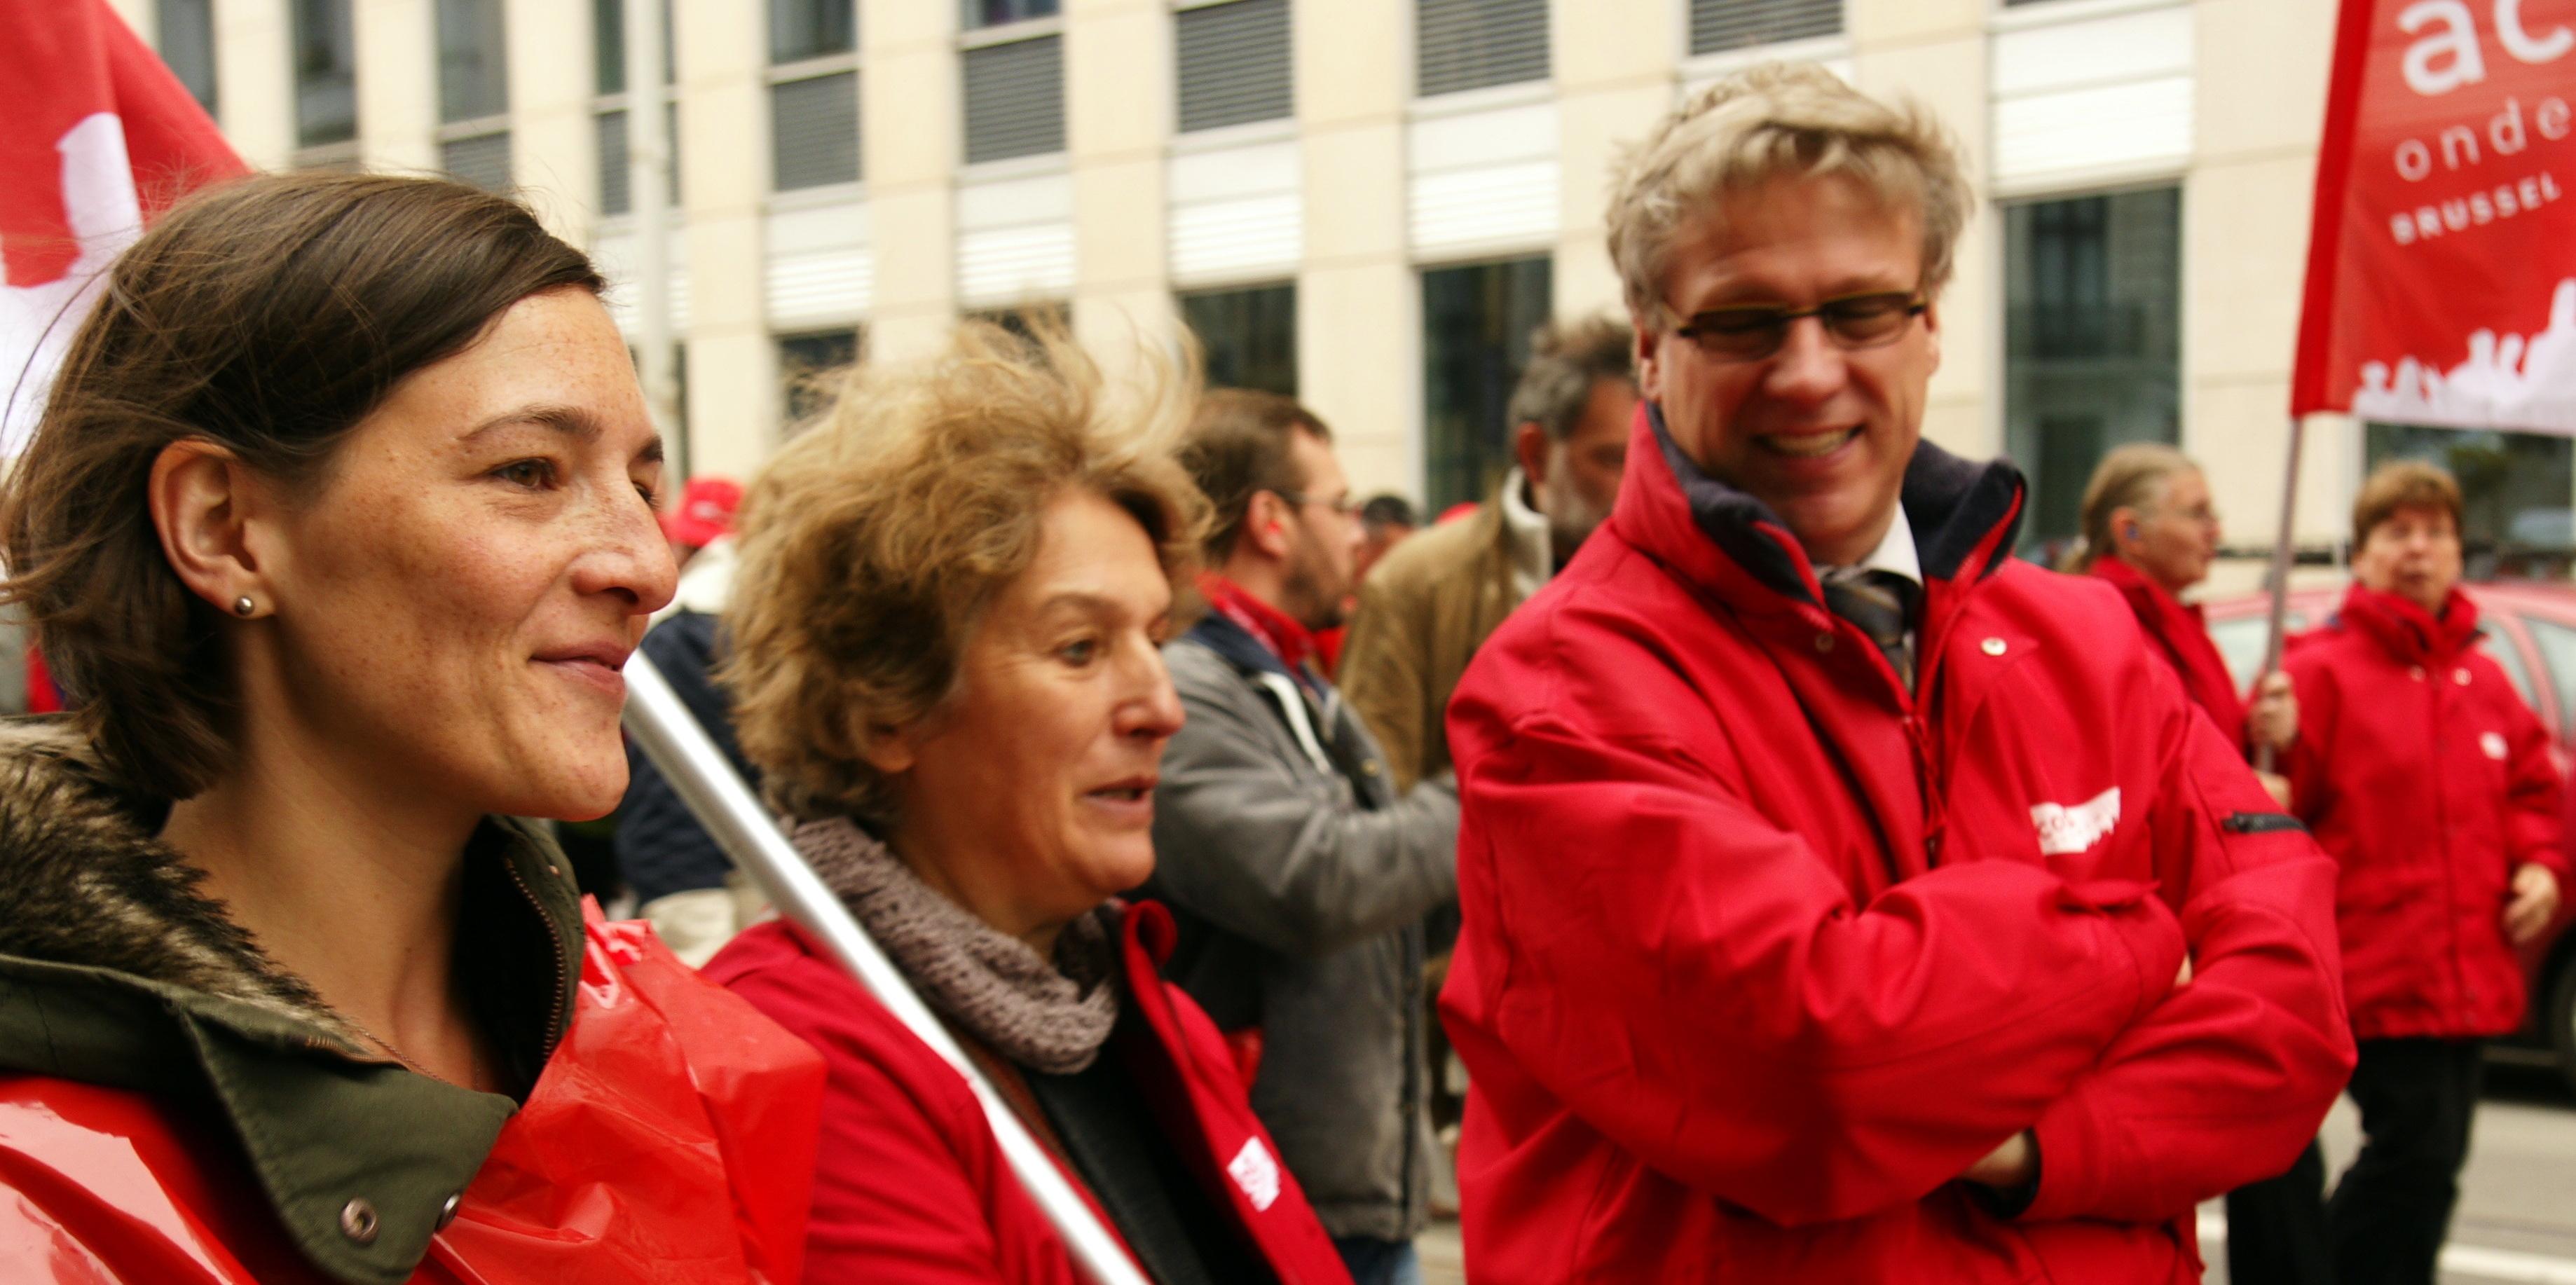 Actie-151007-Regio-Brussel